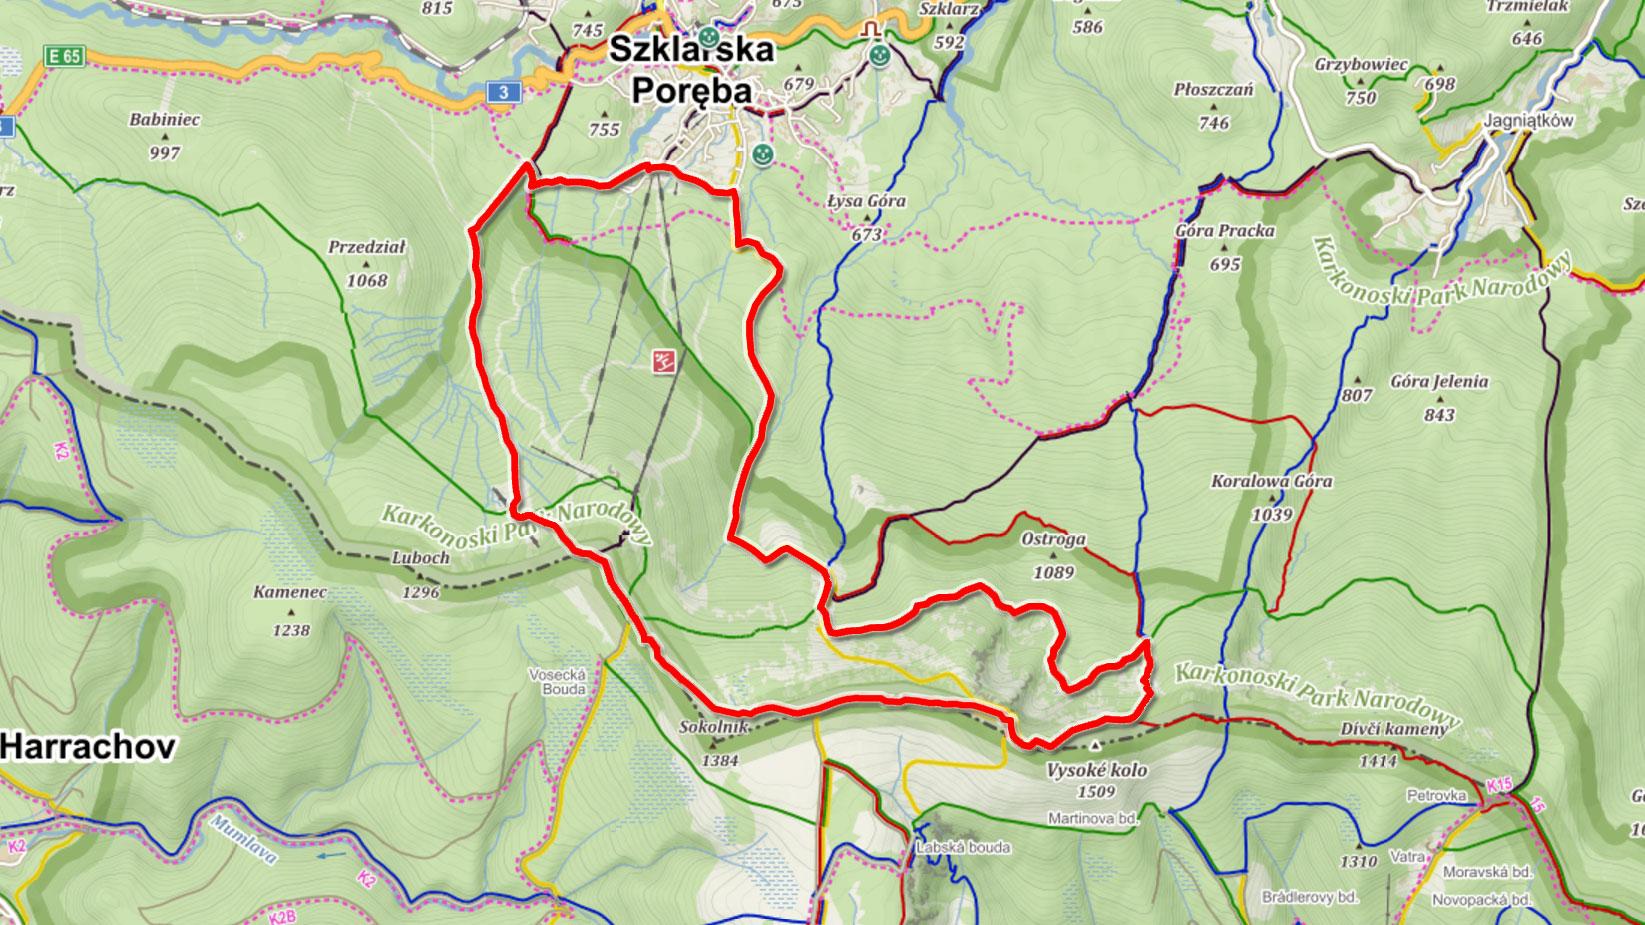 Popisovaná trasa po hřebenech Krkonoš